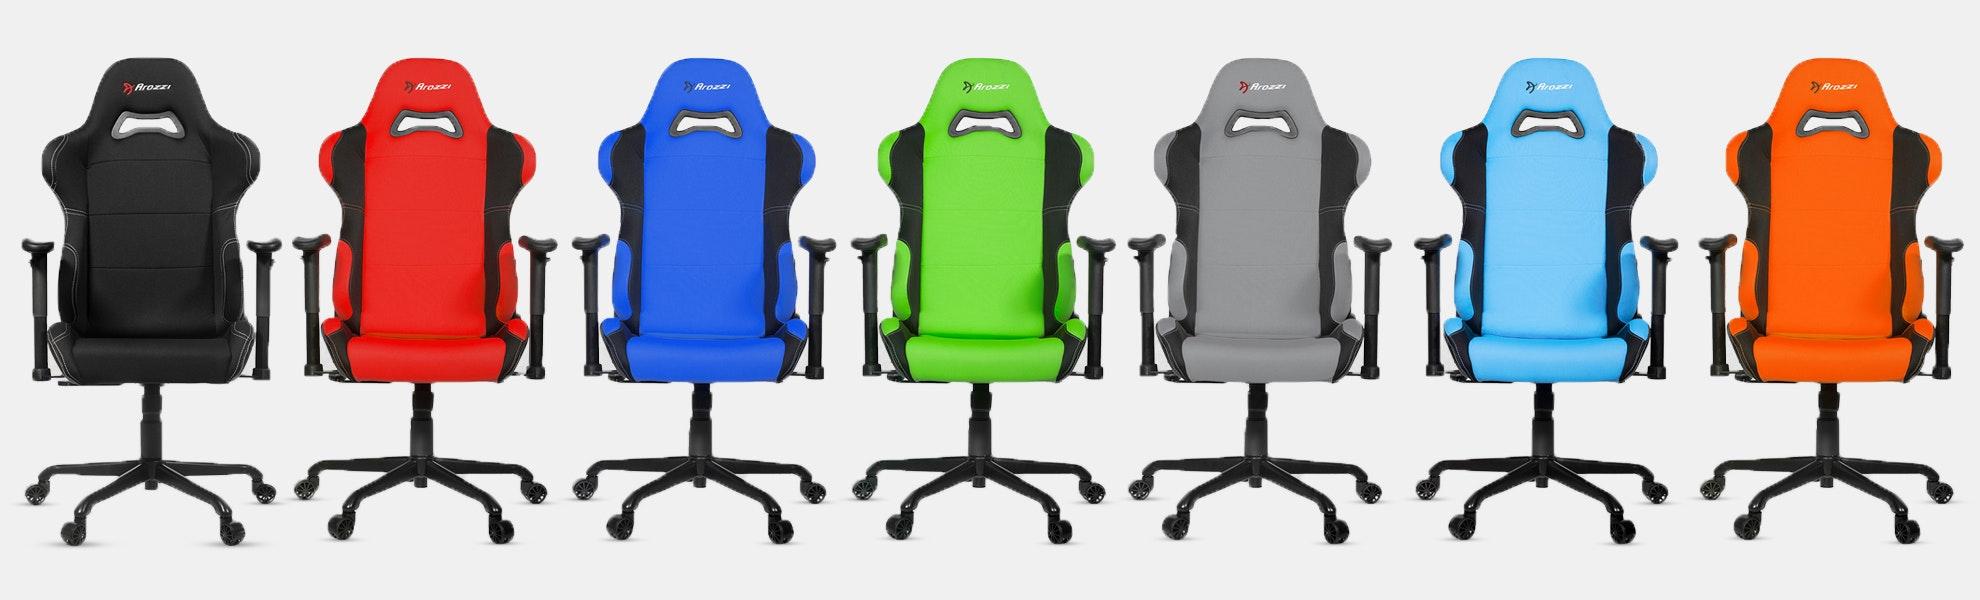 Arozzi Toretta & Torretta XL Gaming Chair